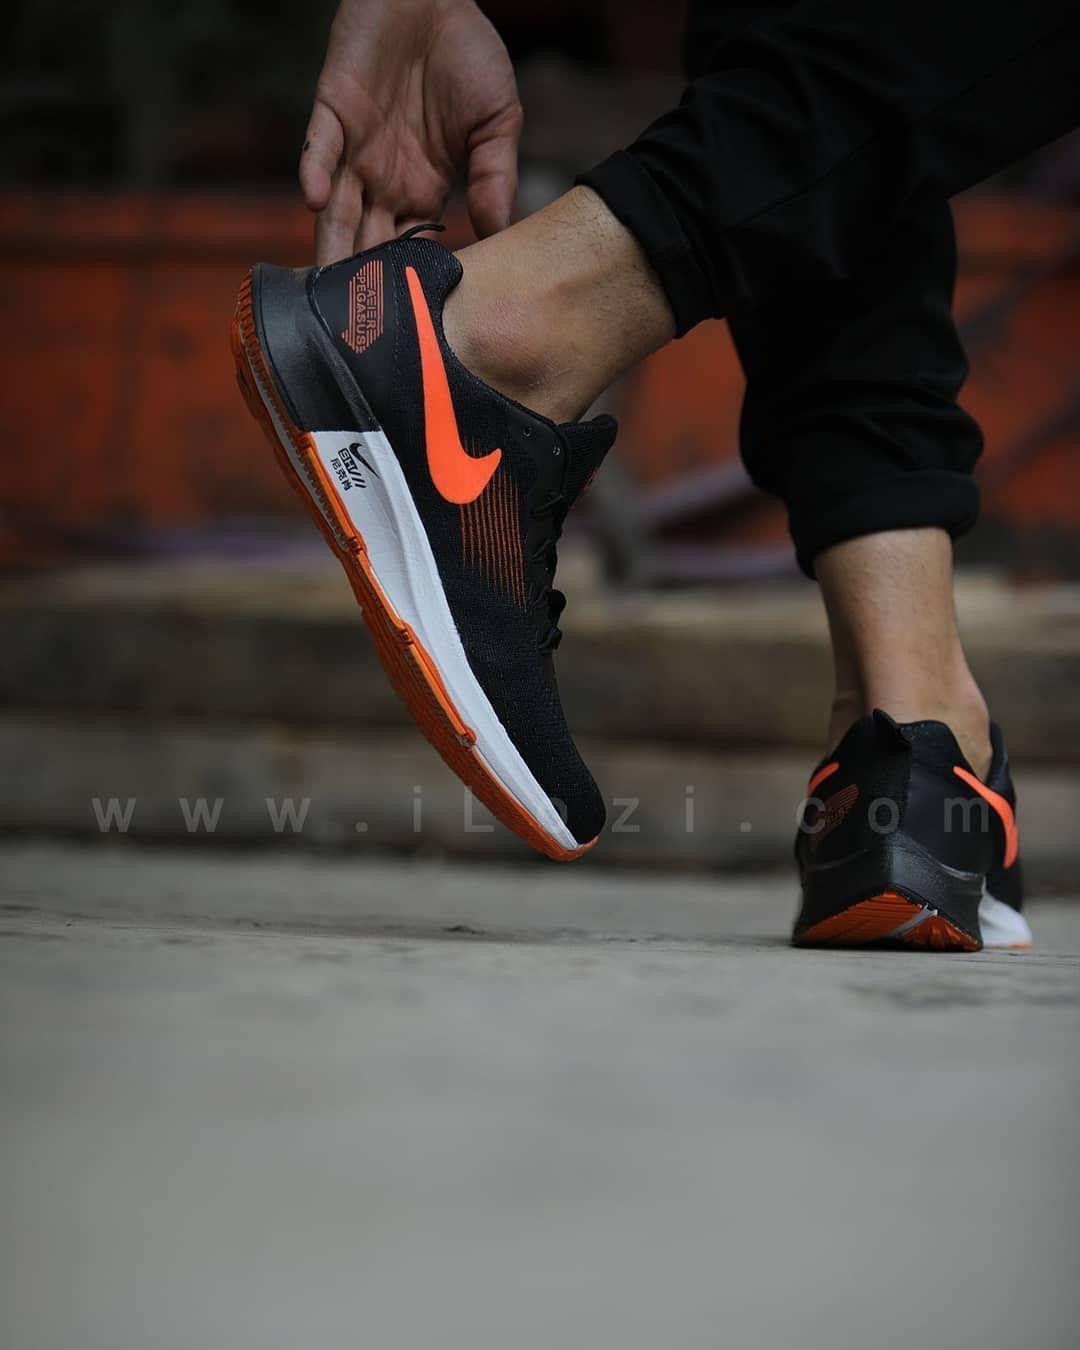 کفش کتانی مردانه نایک Nike pegasus 35 مدل 1771 قیمت : ۱۶۵۰۰۰